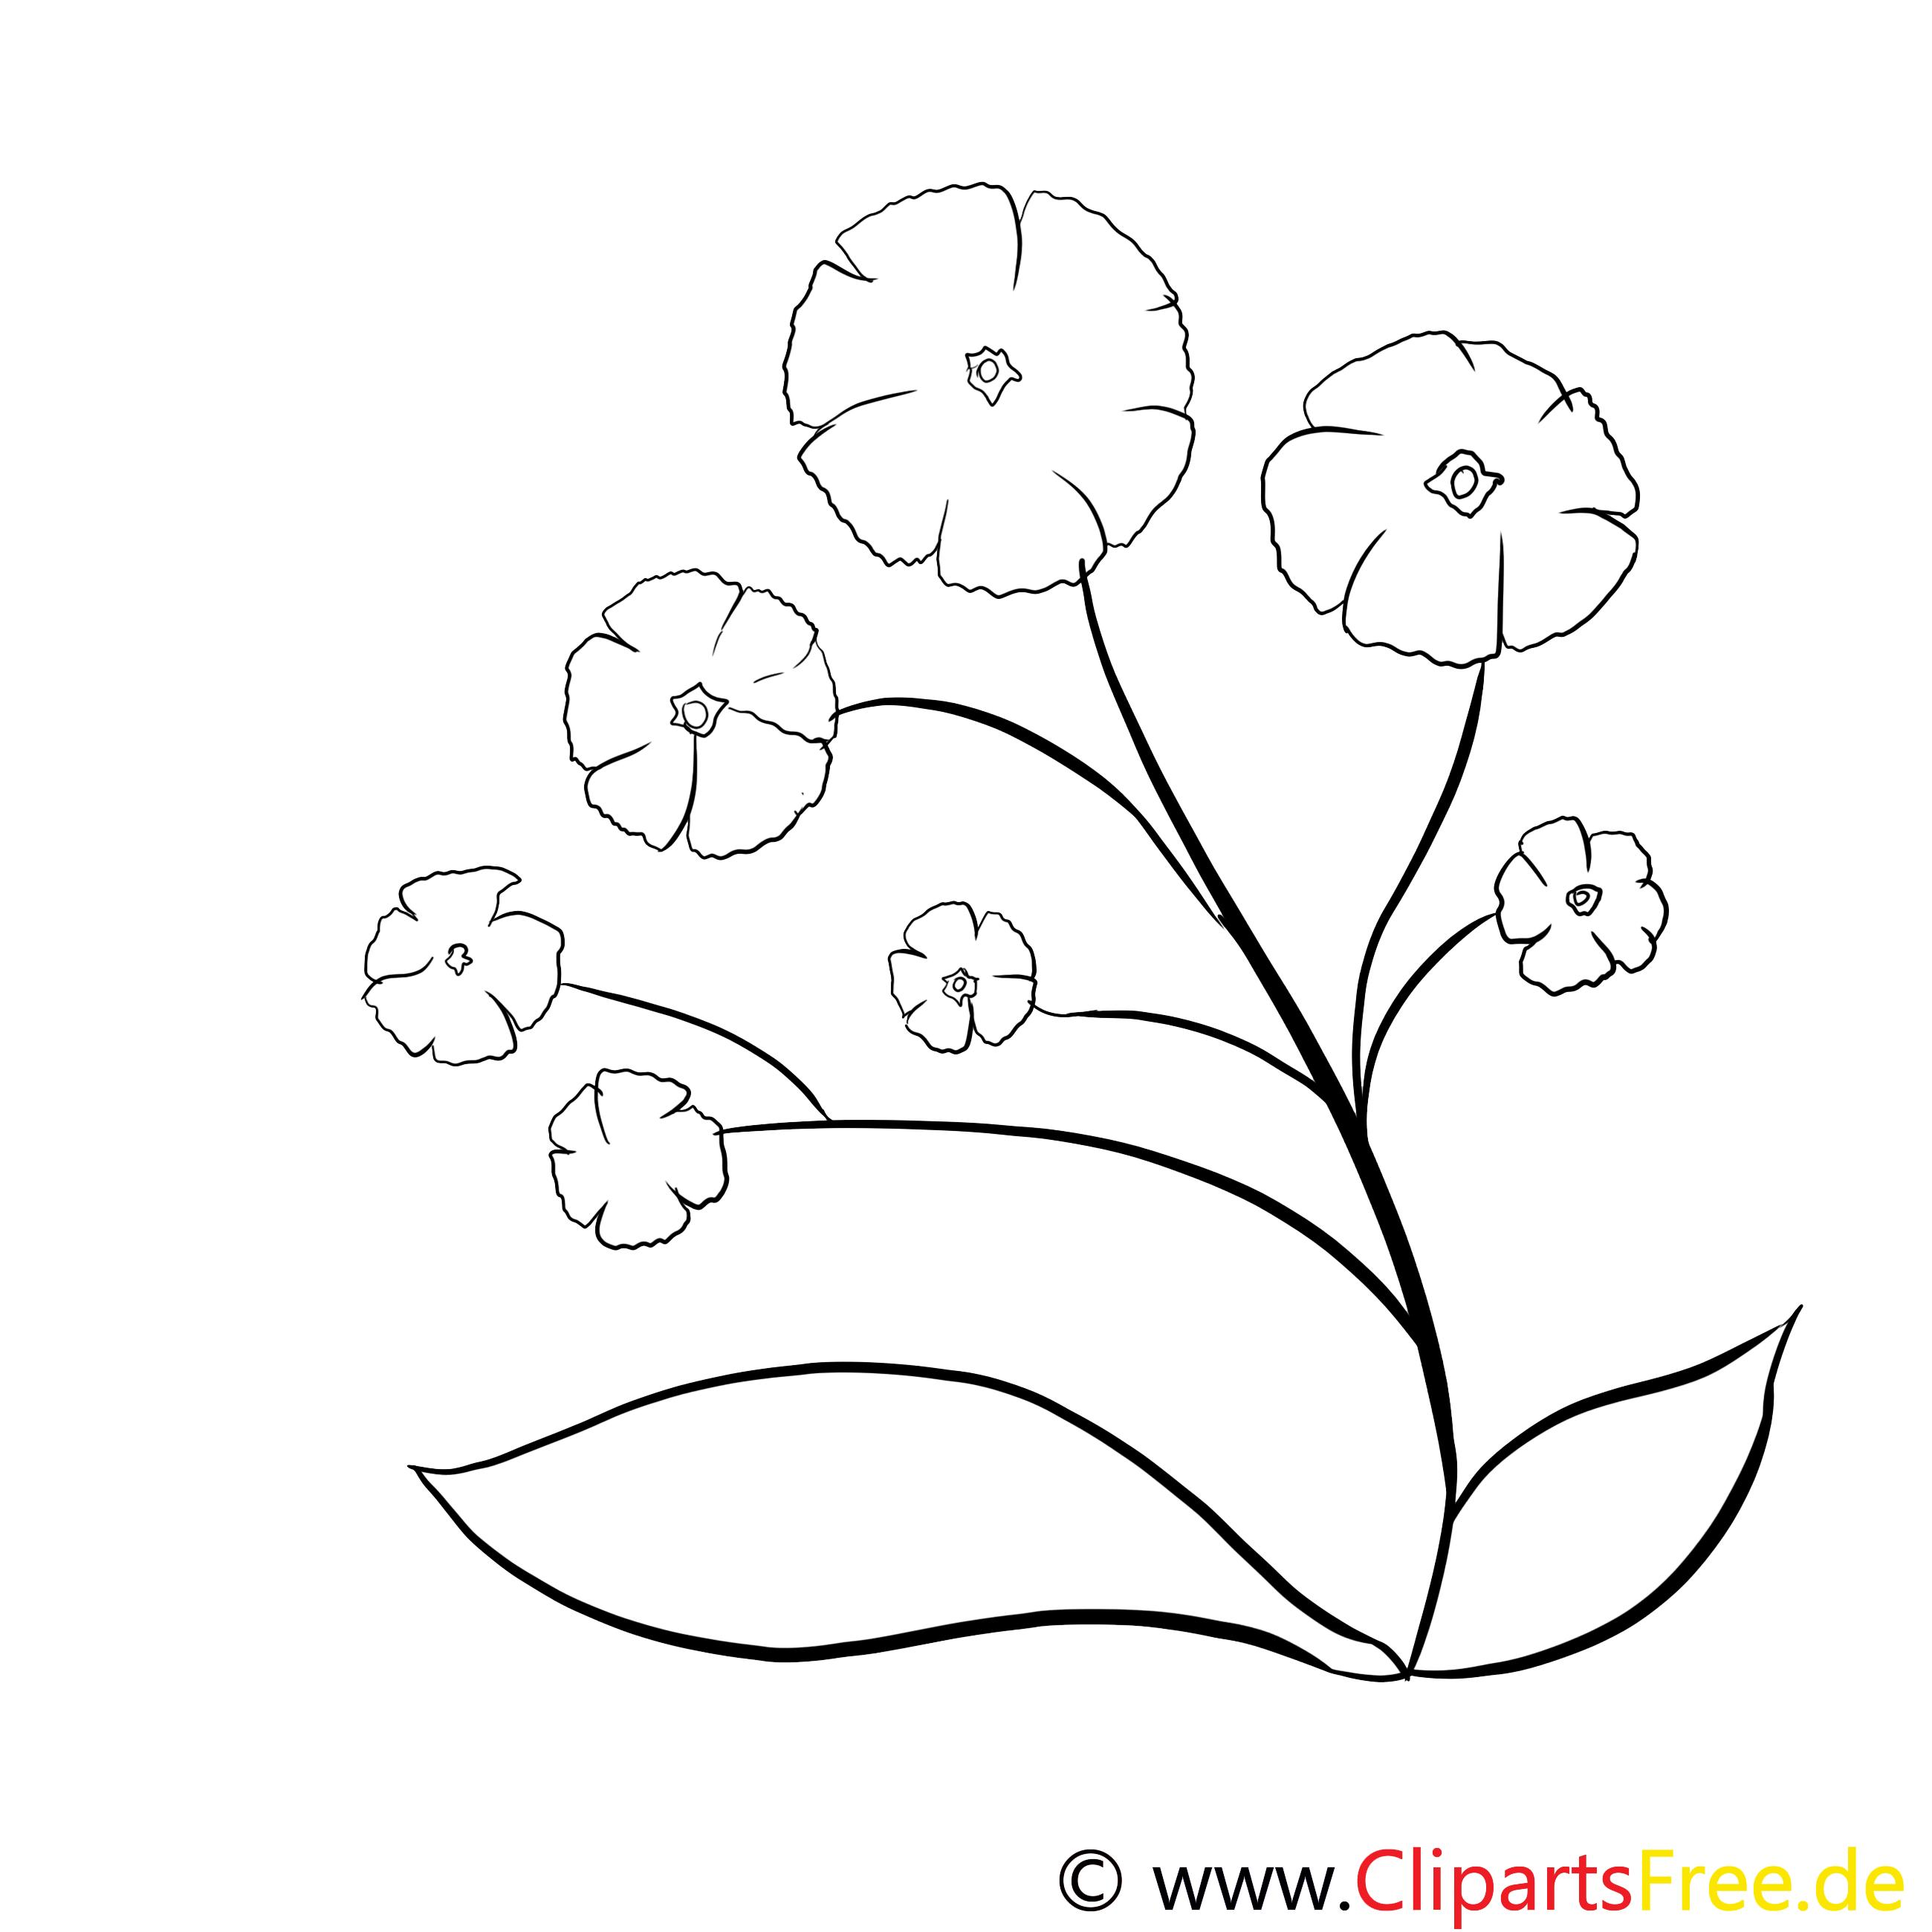 WIlde Blumen zum Drucken und Ausmalen